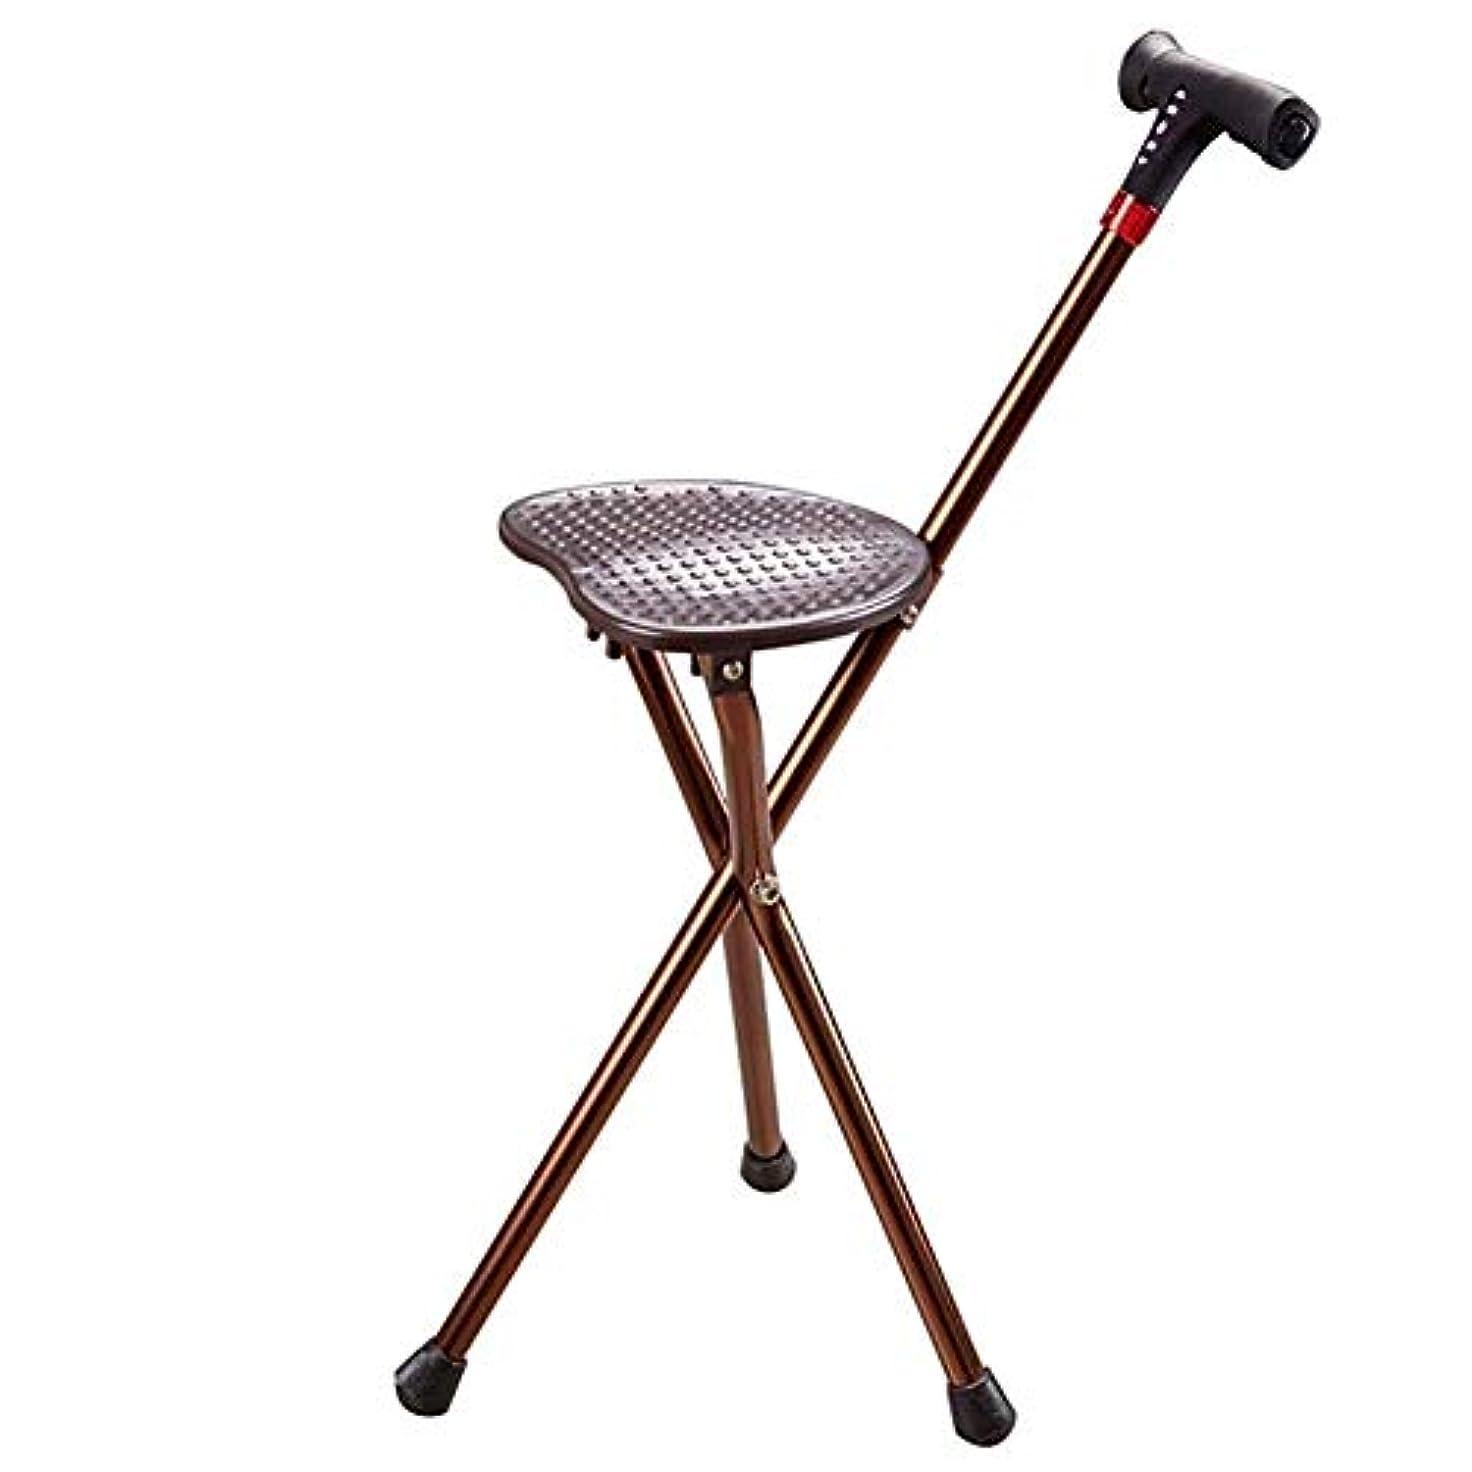 分散商品面白い軽量で調節可能な高さの杖席、MP3プレイ用の多機能松葉杖、高デシベルアラームなど。